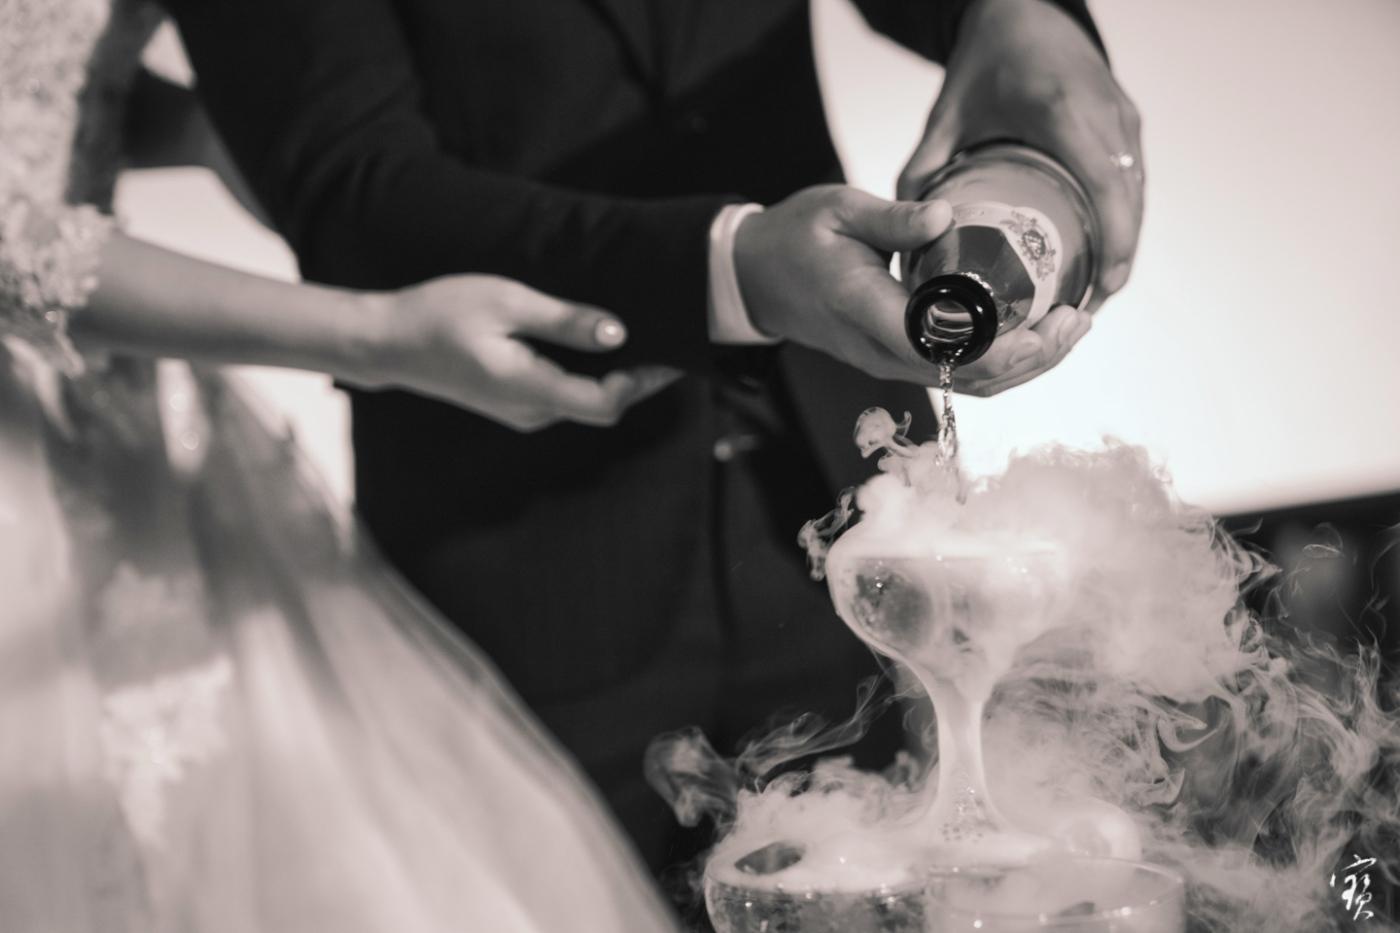 婚禮攝影 婚紗 大直 典華 冬半影像 攝影師大寶 北部攝影 台北攝影 桃園攝影 新竹攝影20181208-366